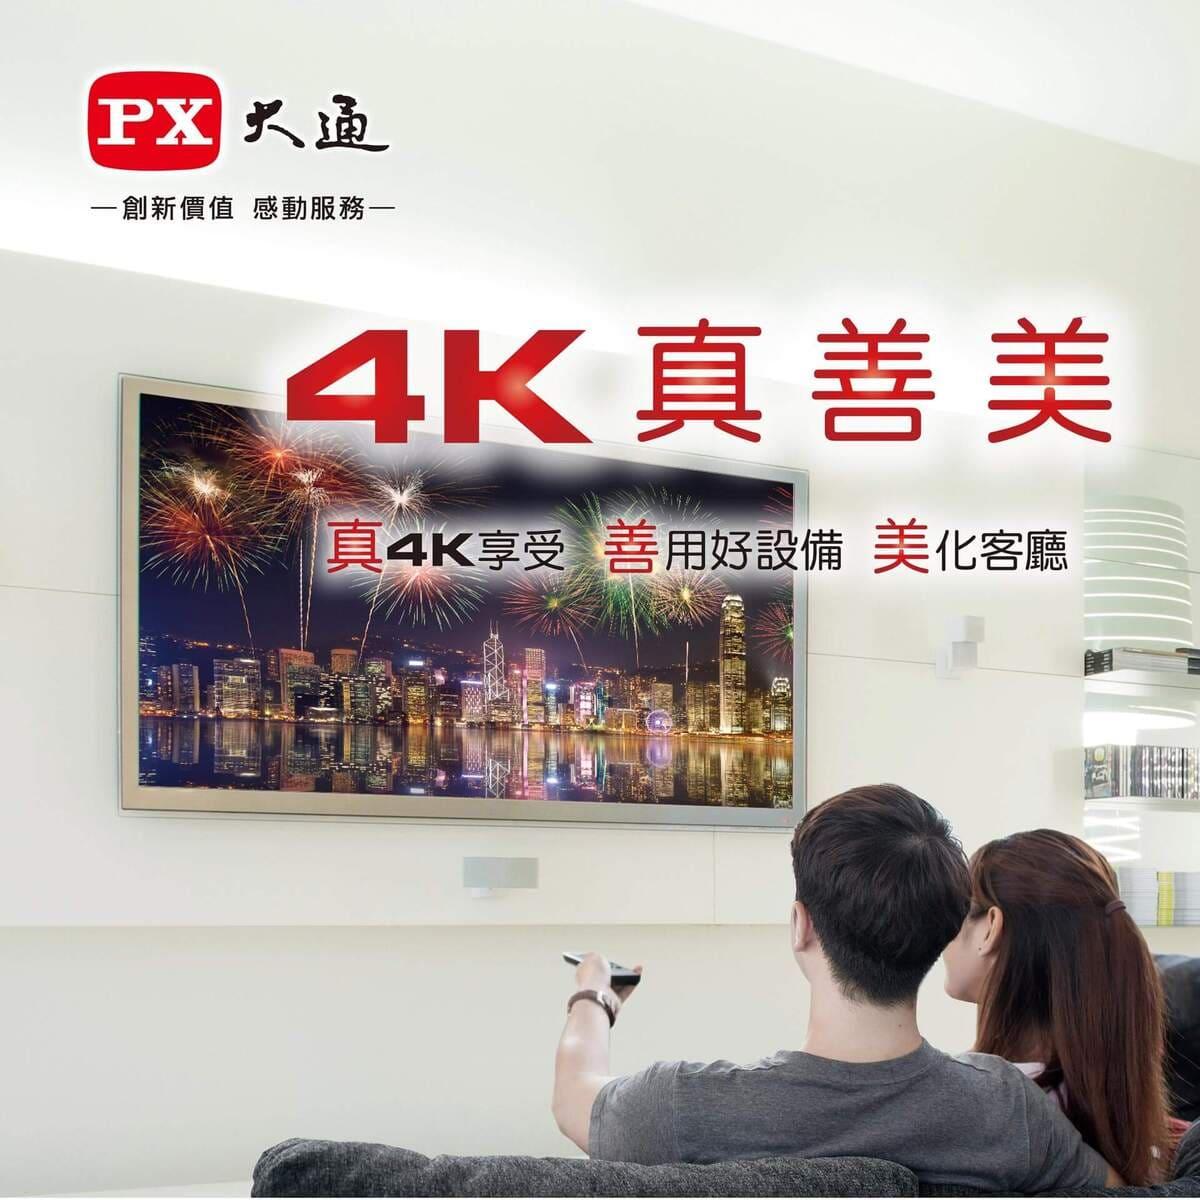 proimages/product/pro-02/pro02-001/HD-1_2U/HD-1_2U-3.jpg